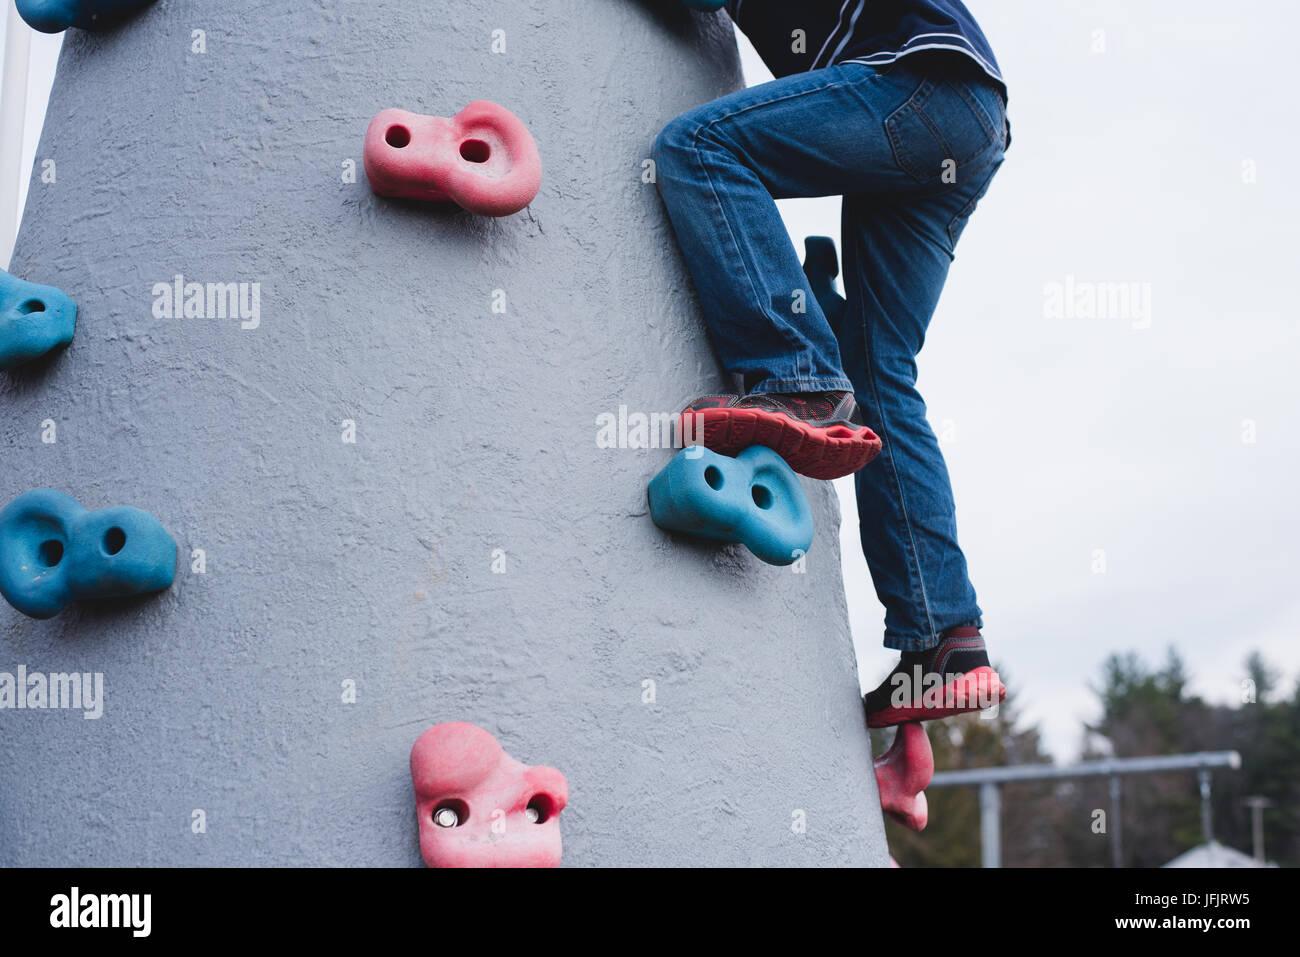 Un garçon monte l'équipement de terrain. Photo Stock